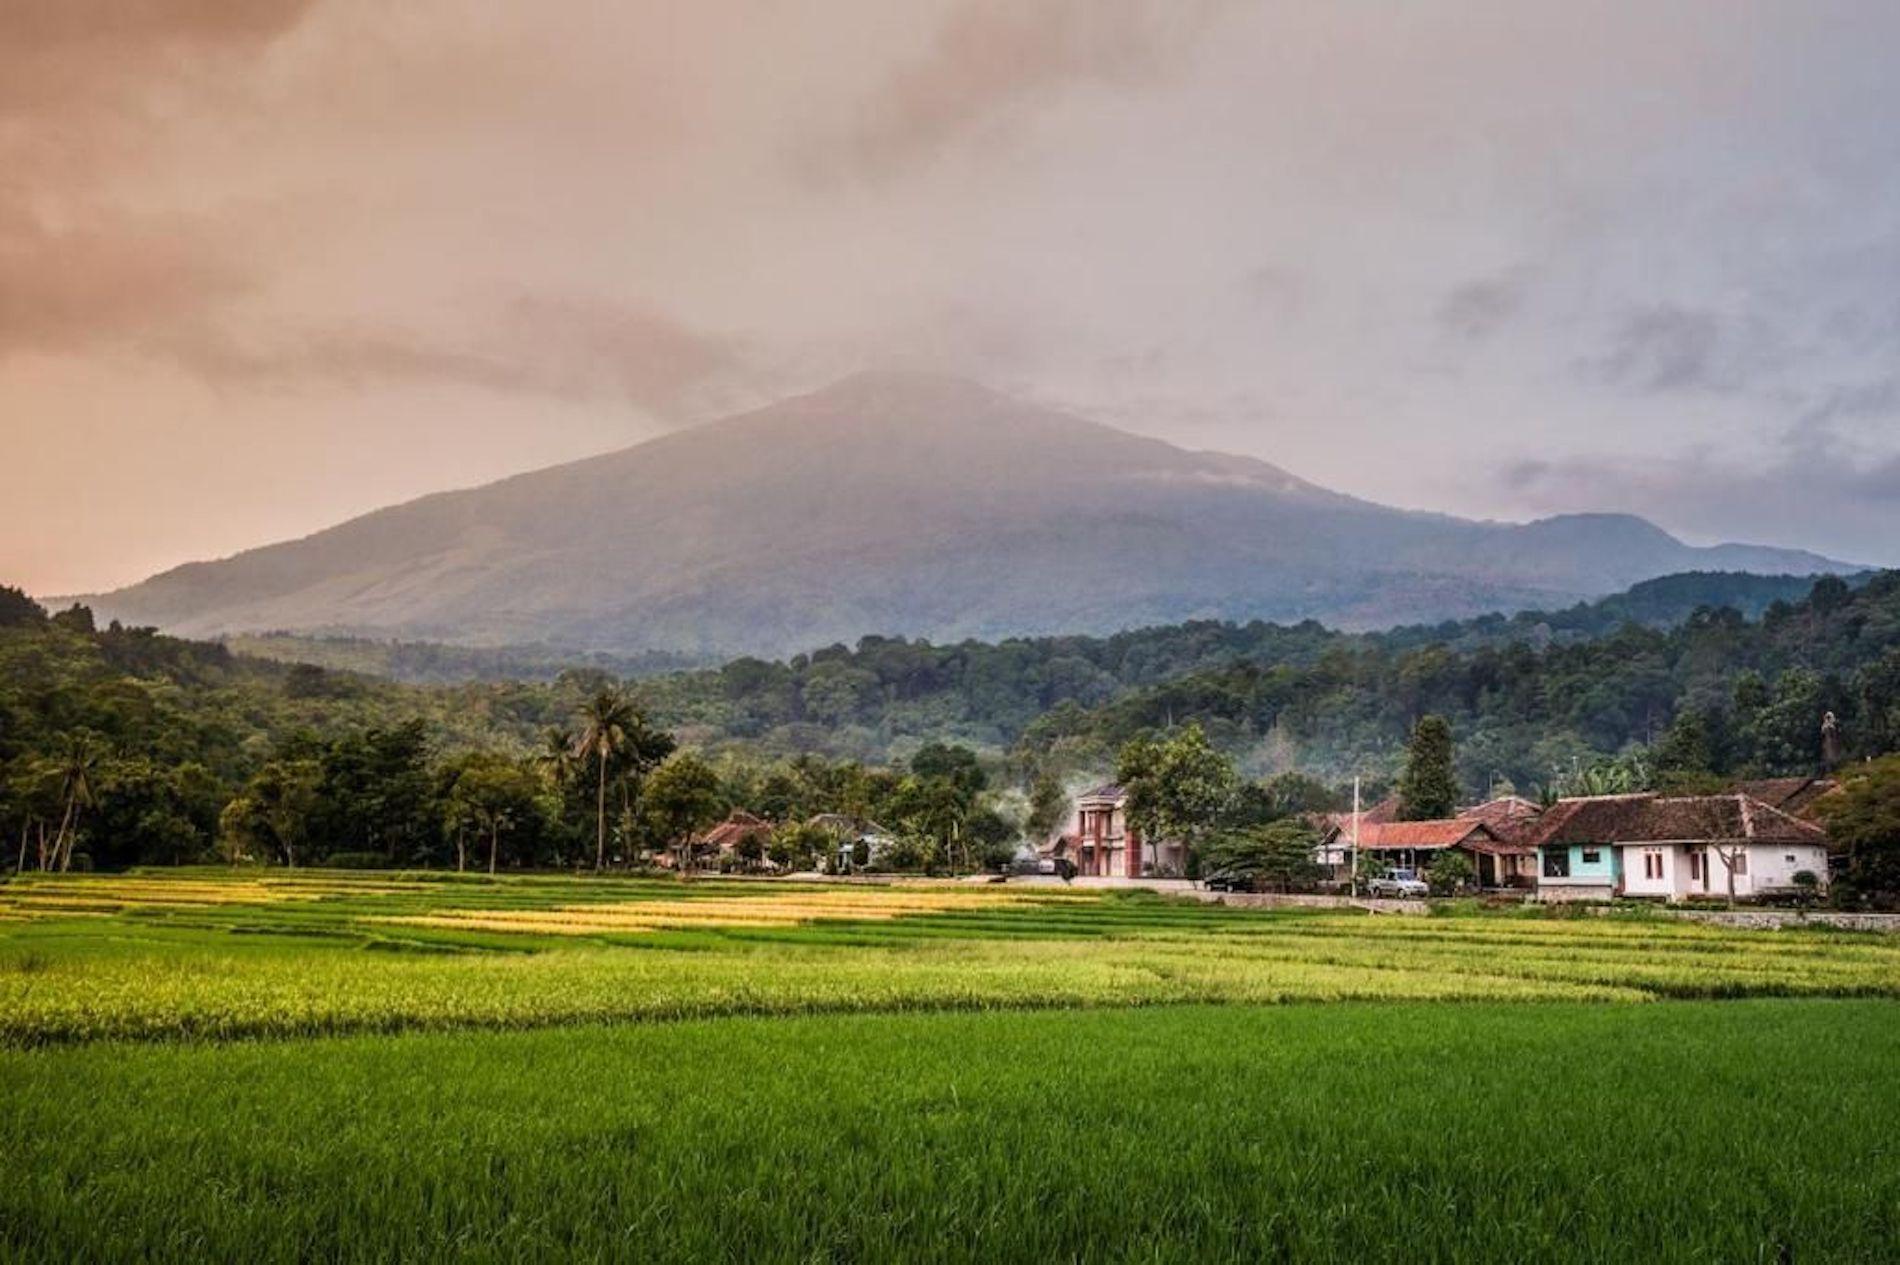 244 desa wisata bisa menjadi lokomotif perkembangan perekonomian Indonesia.